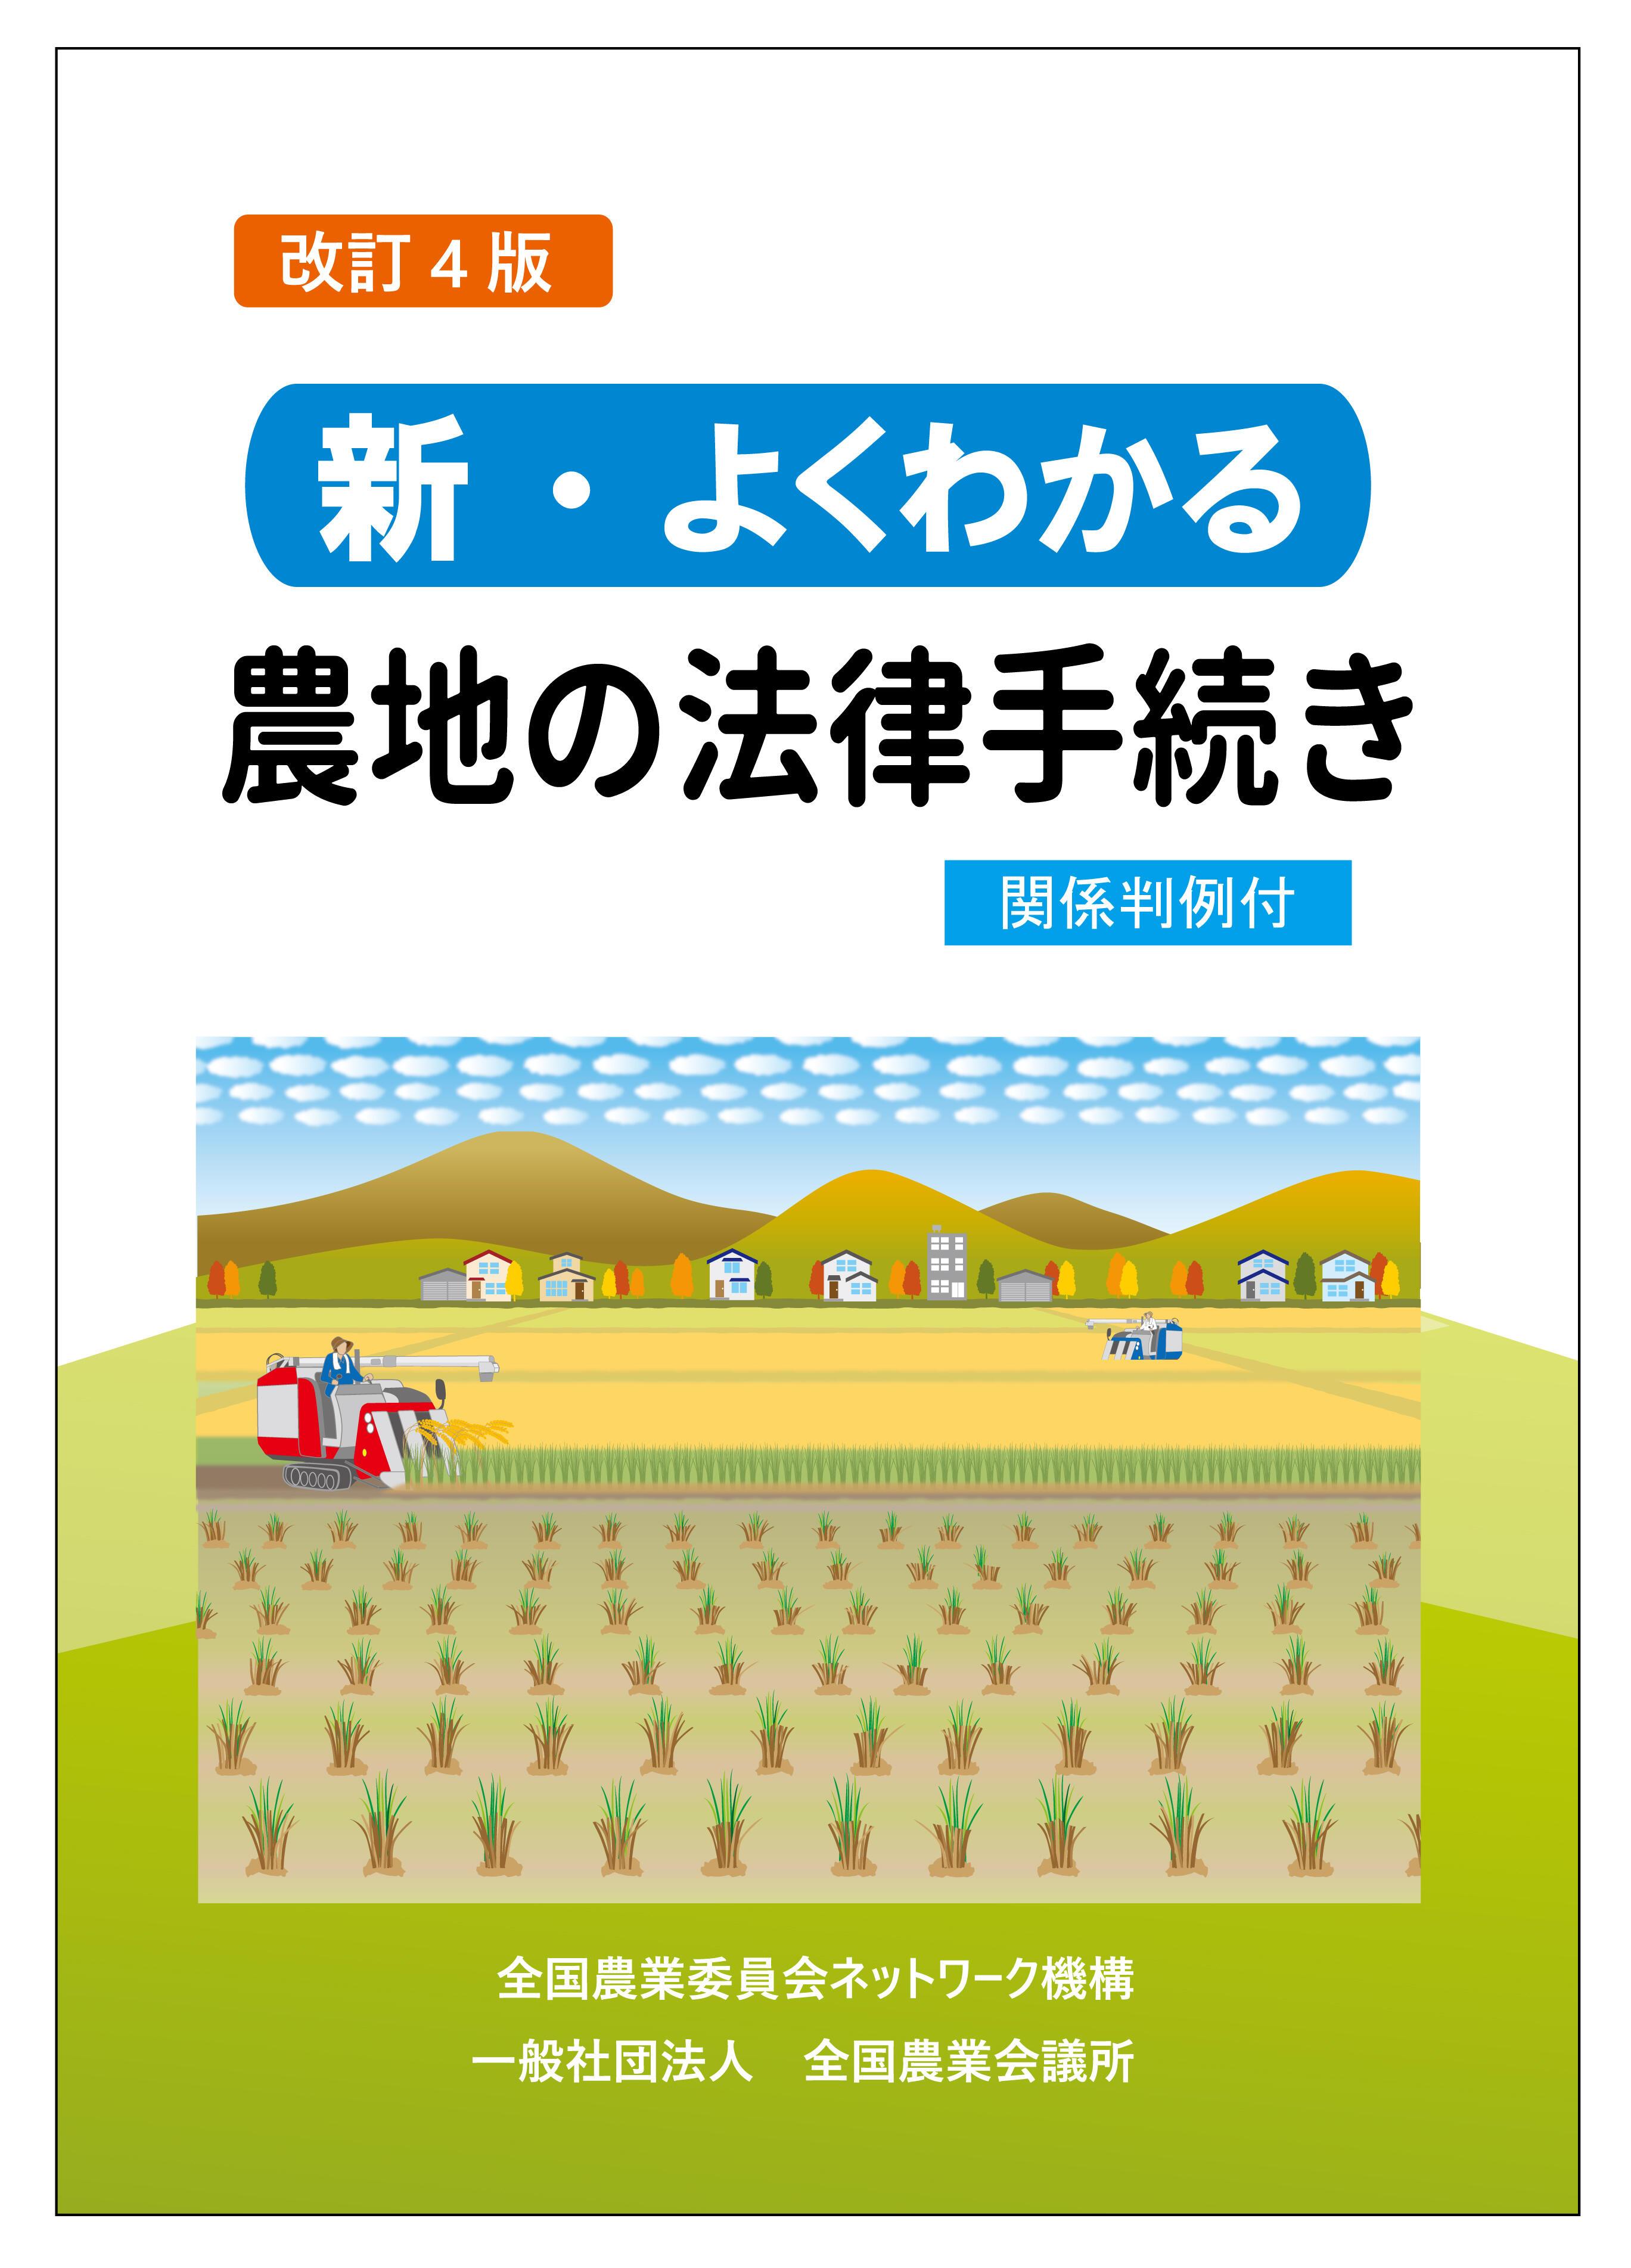 R02-33 改訂4版 新・よくわかる農地の法律手続きー関係判例付ー_表紙.jpg